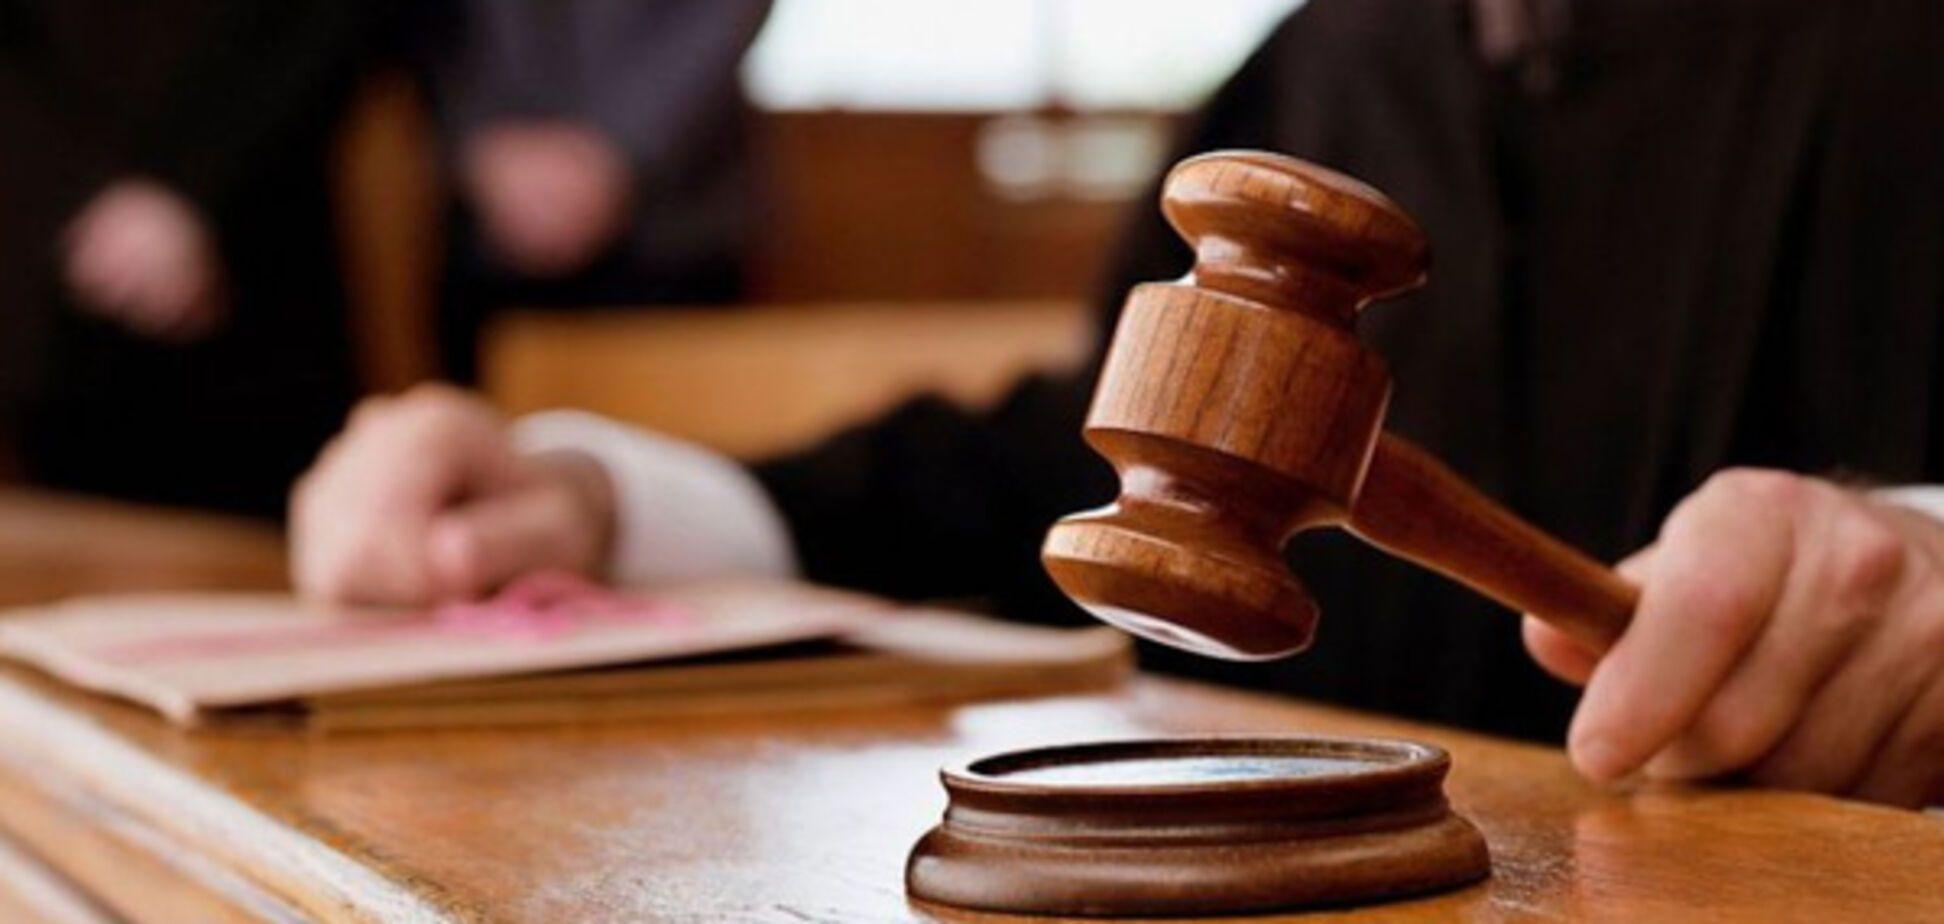 В Запорожье суд освободил из-под стражи мажора, подстрелившего среди улицы двух людей